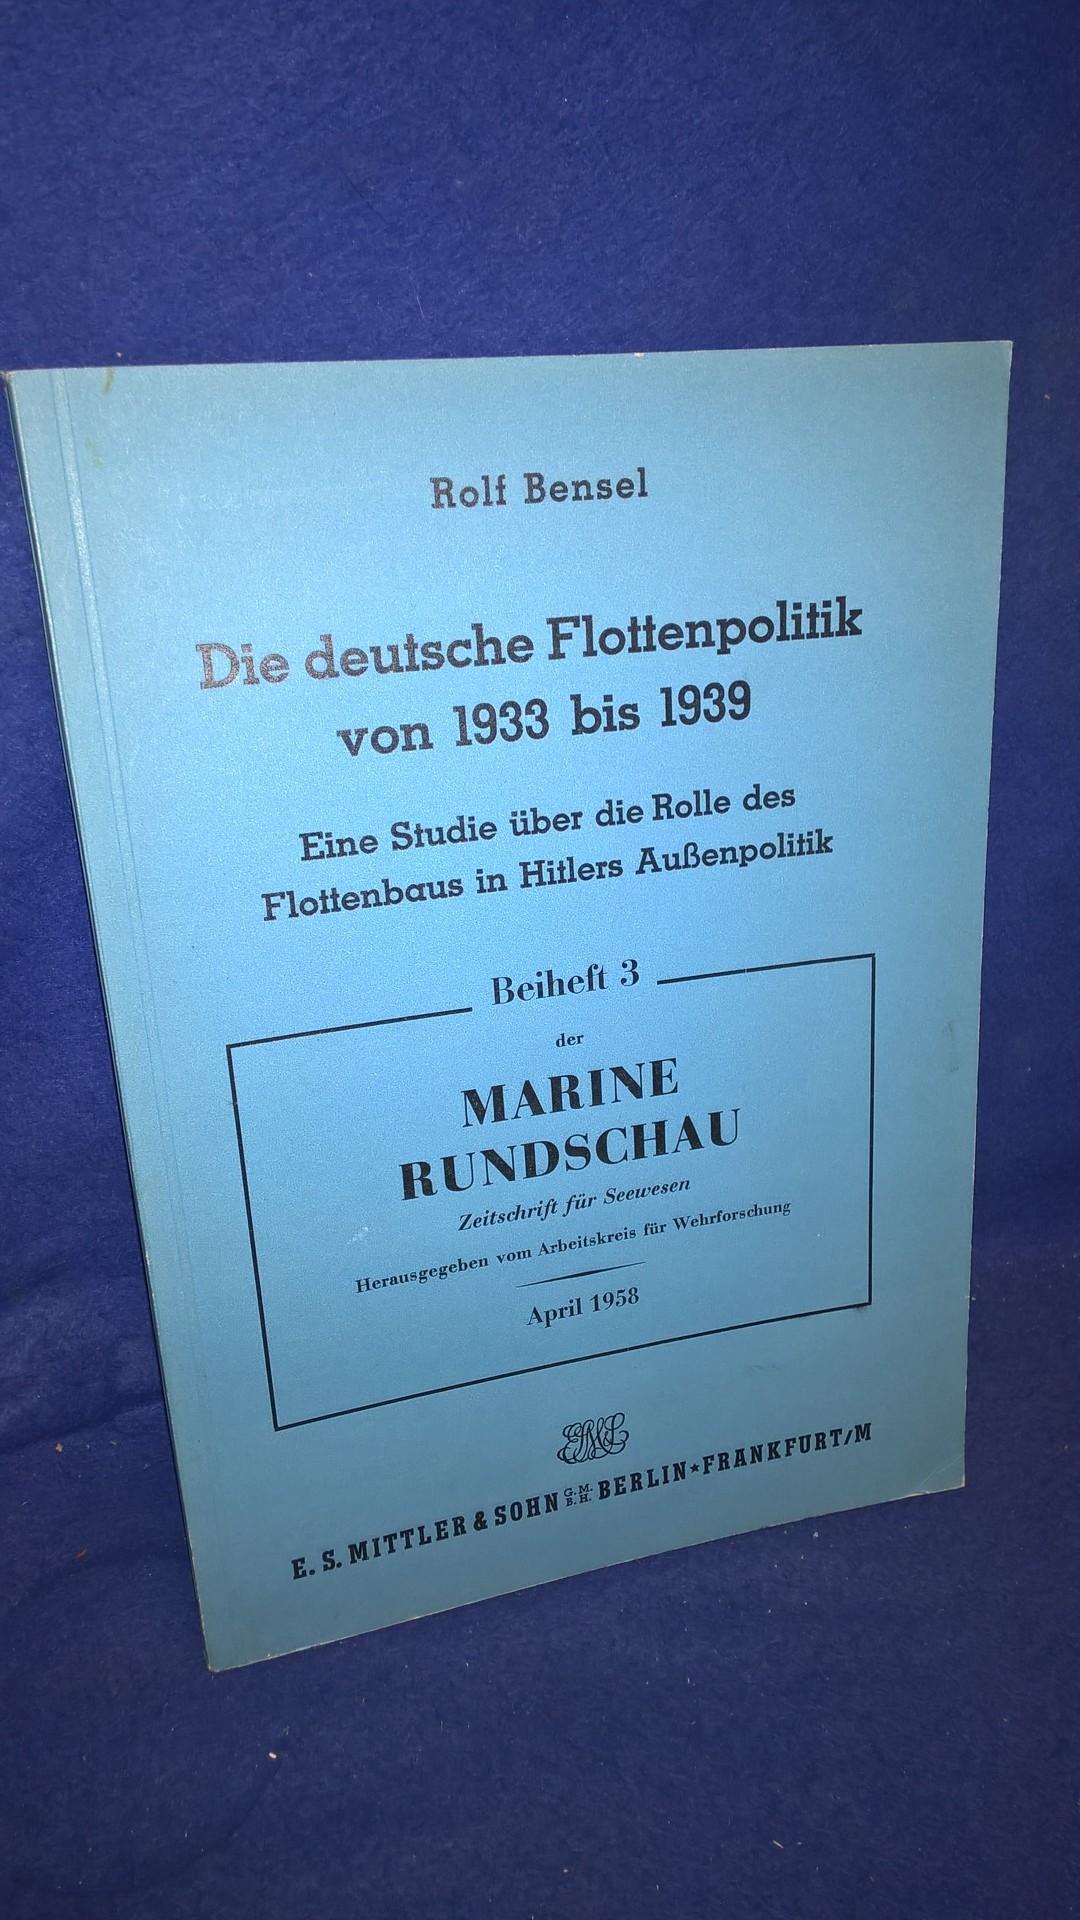 Die deutsche Flottenpolitik von 1933 bis 1939., Eine Studie über die Rolle des Flottenbaus in Hitlers Außenpolitik.